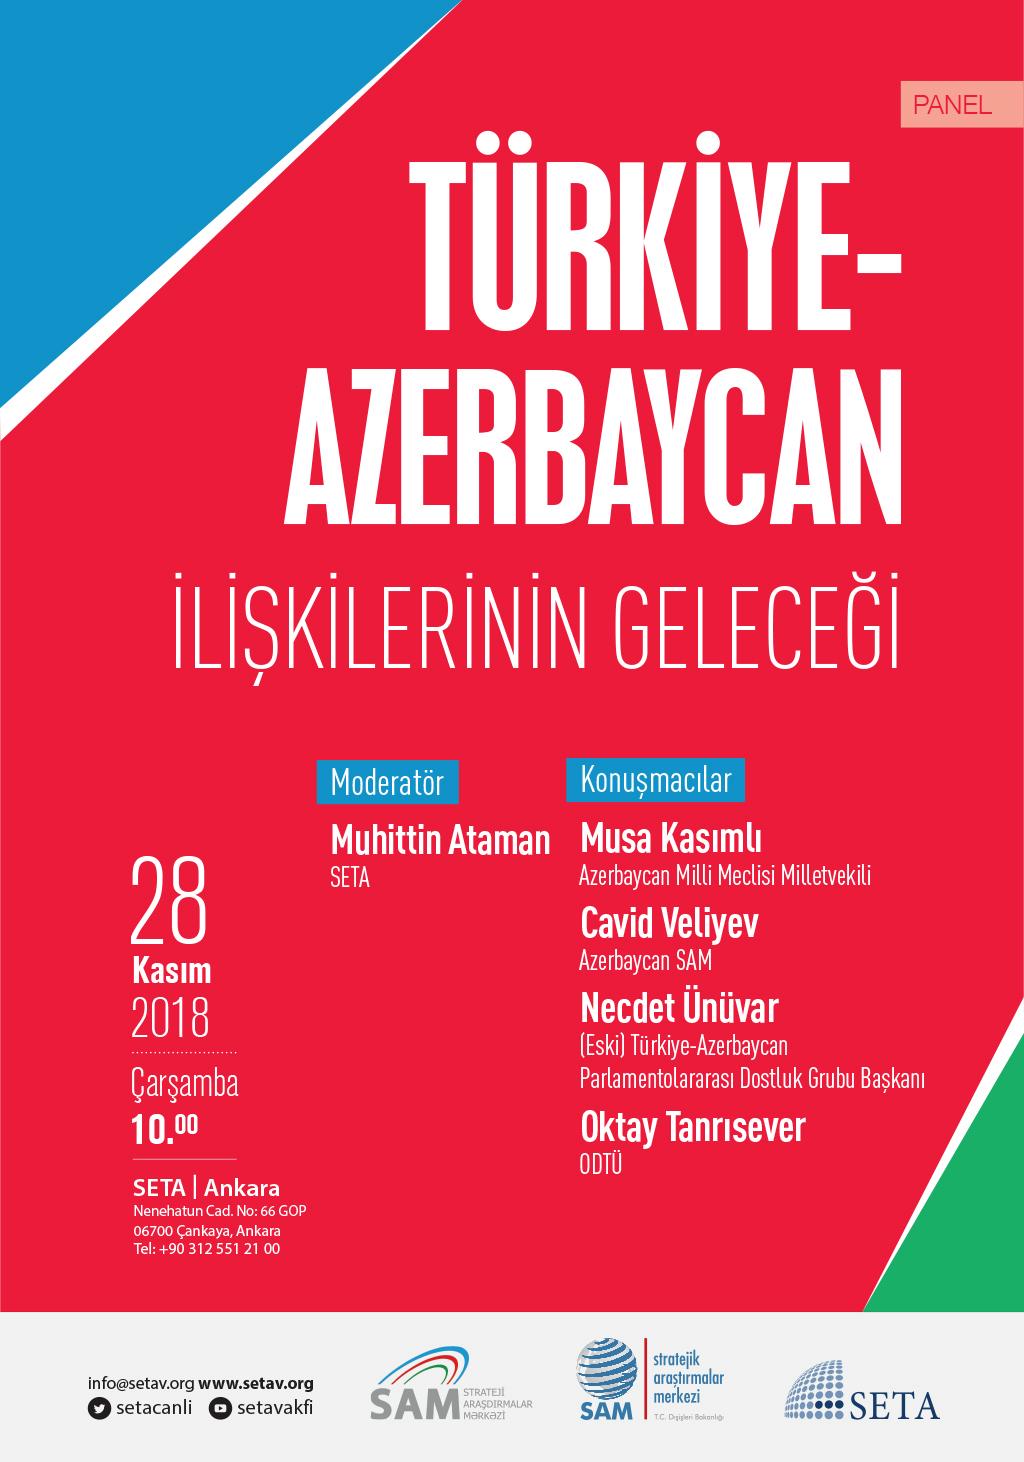 Panel: Türkiye-Azerbaycan İlişkilerinin Geleceği